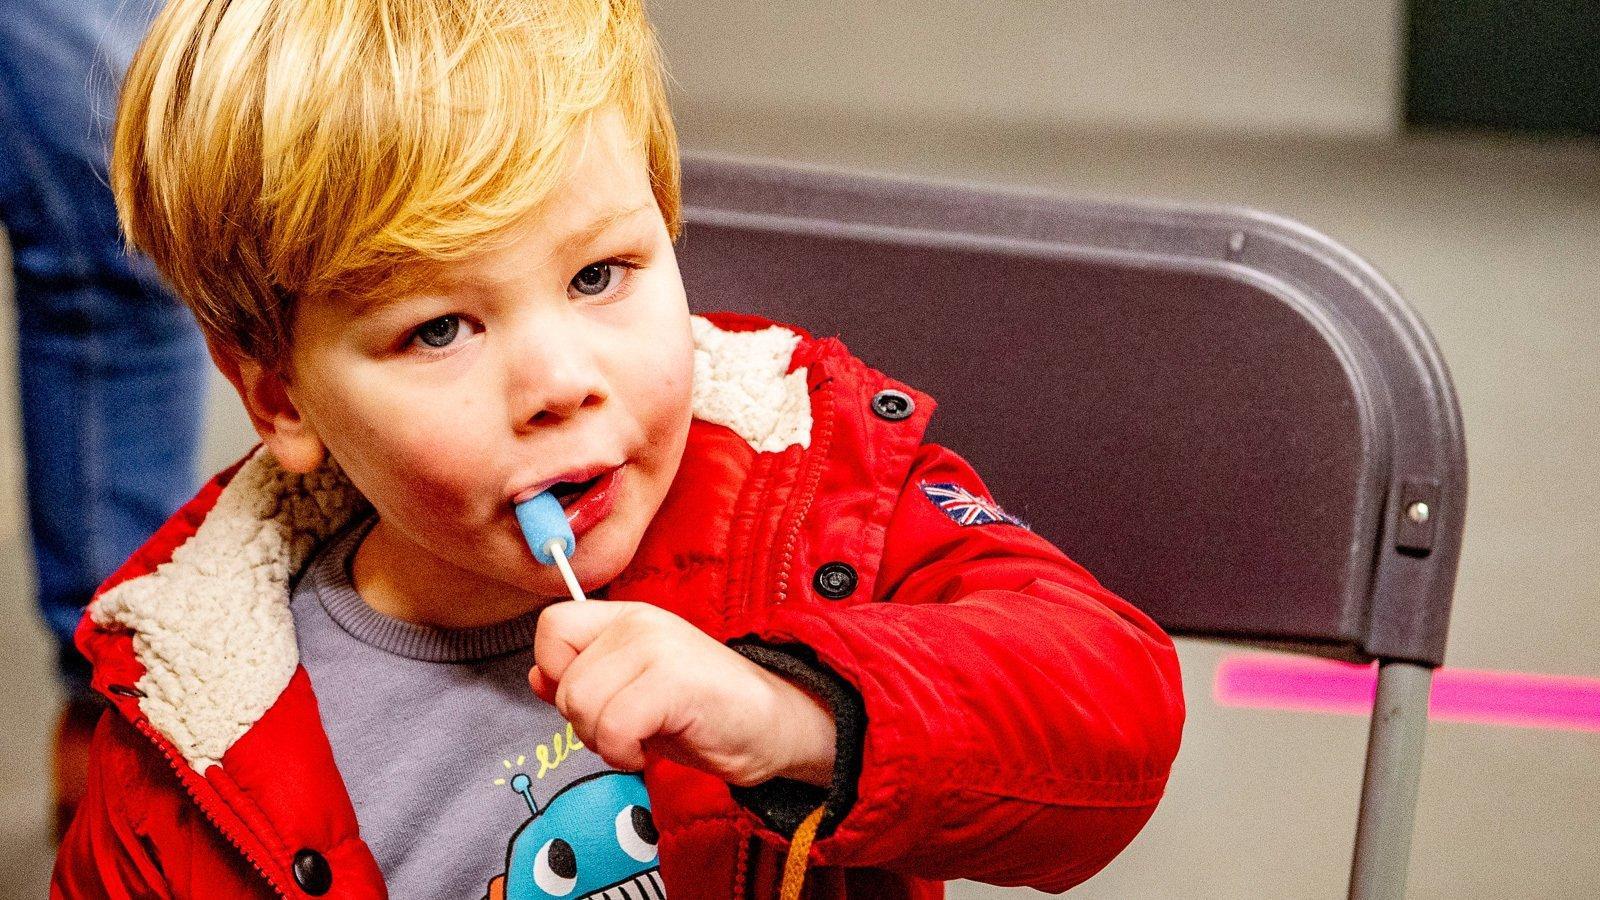 Ein kleiner Junge lutscht auf einem Plastikstäbchen mit Schaumstoffhülle herum.